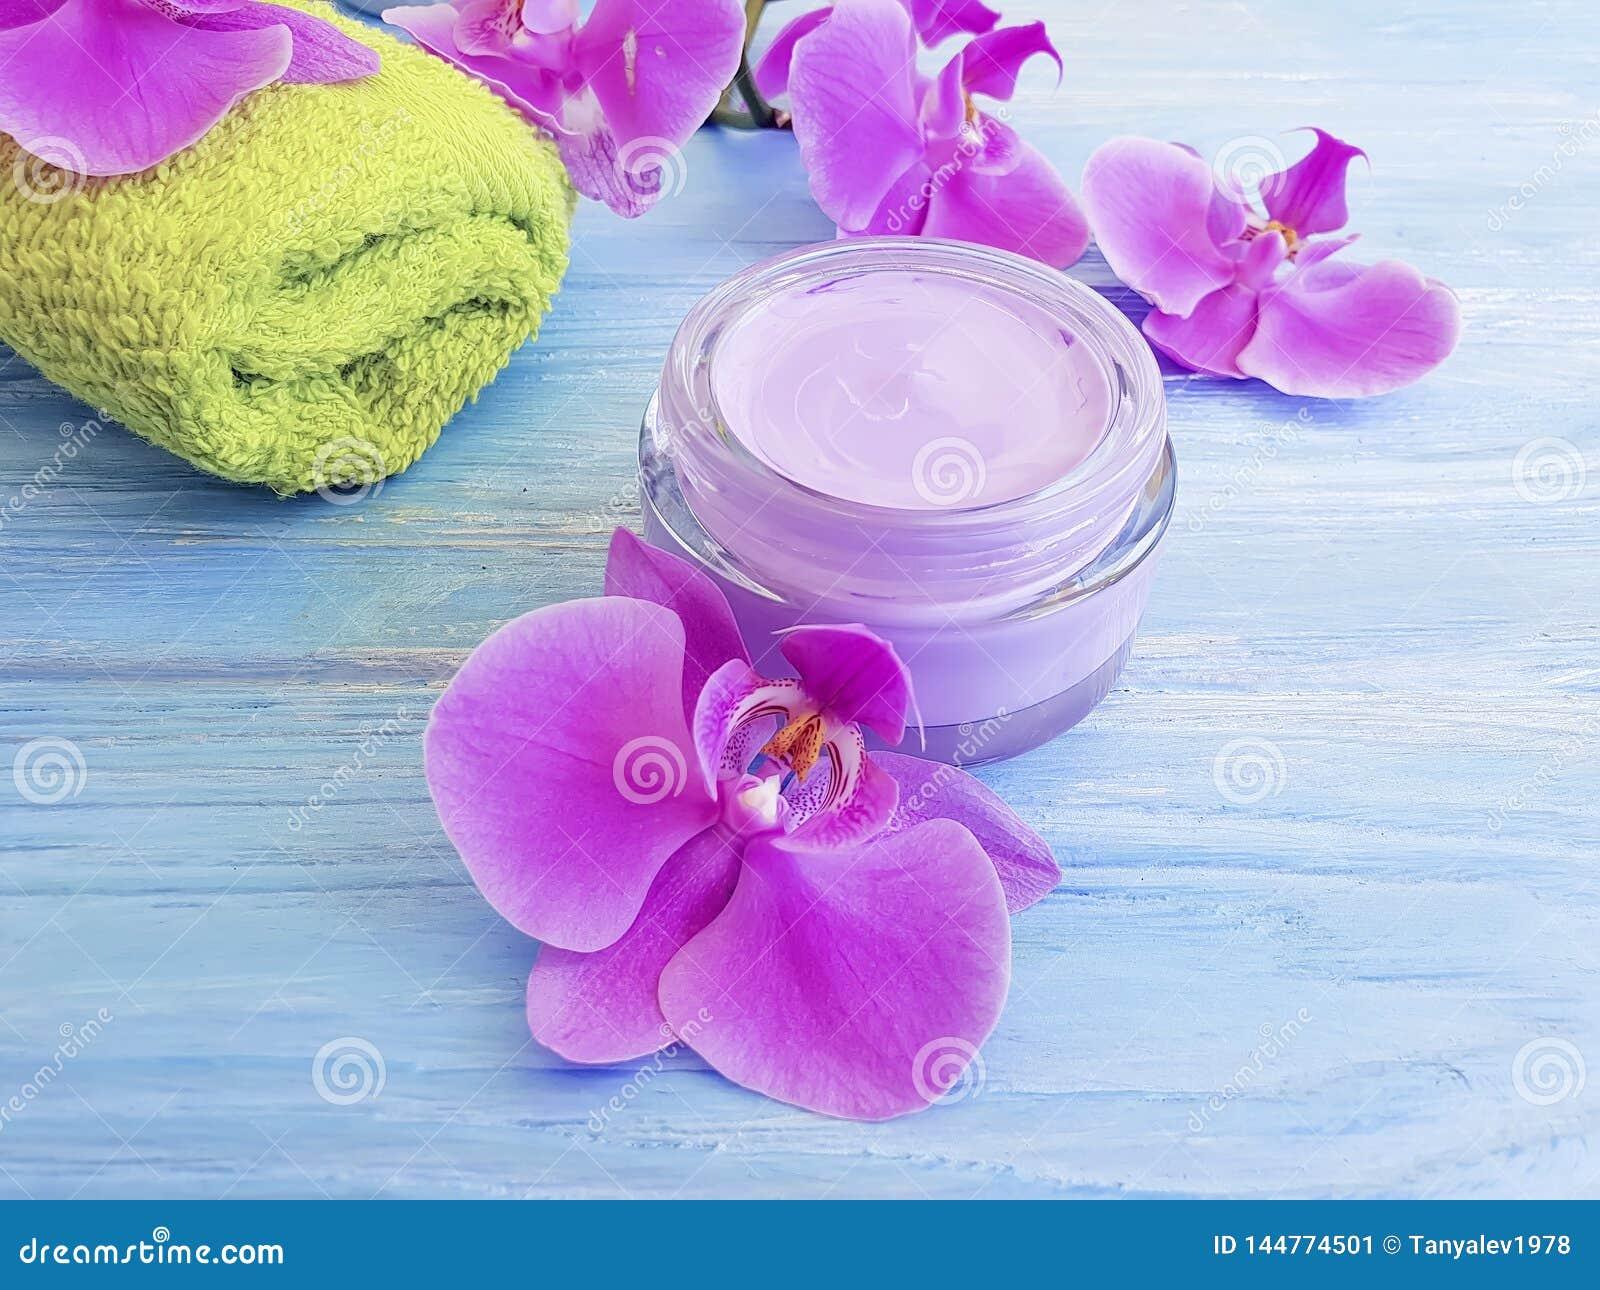 Schöne Behandlung des kosmetischen natürlichen Reiniger-Sahnefrühlinges der Orchideenblume auf hölzernem Hintergrund